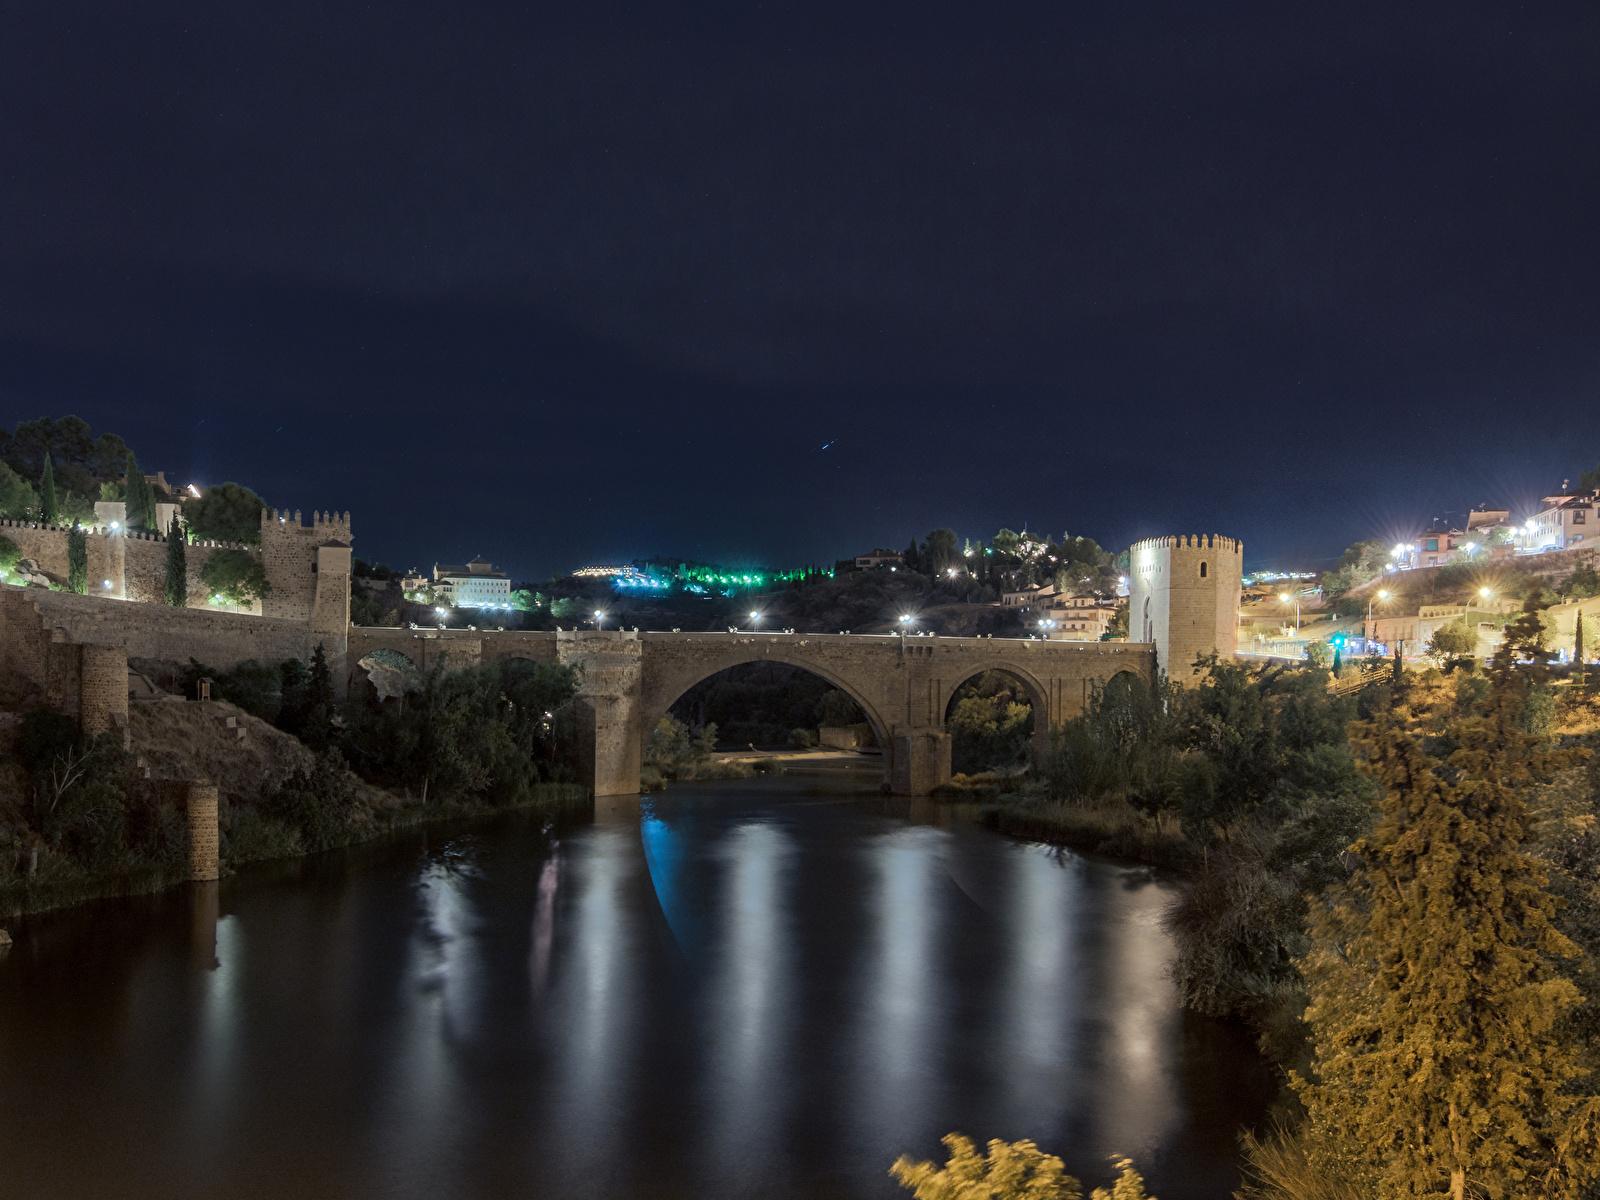 Картинка Толедо Испания Мосты Ночь речка Города Здания 1600x1200 Реки Ночные Дома